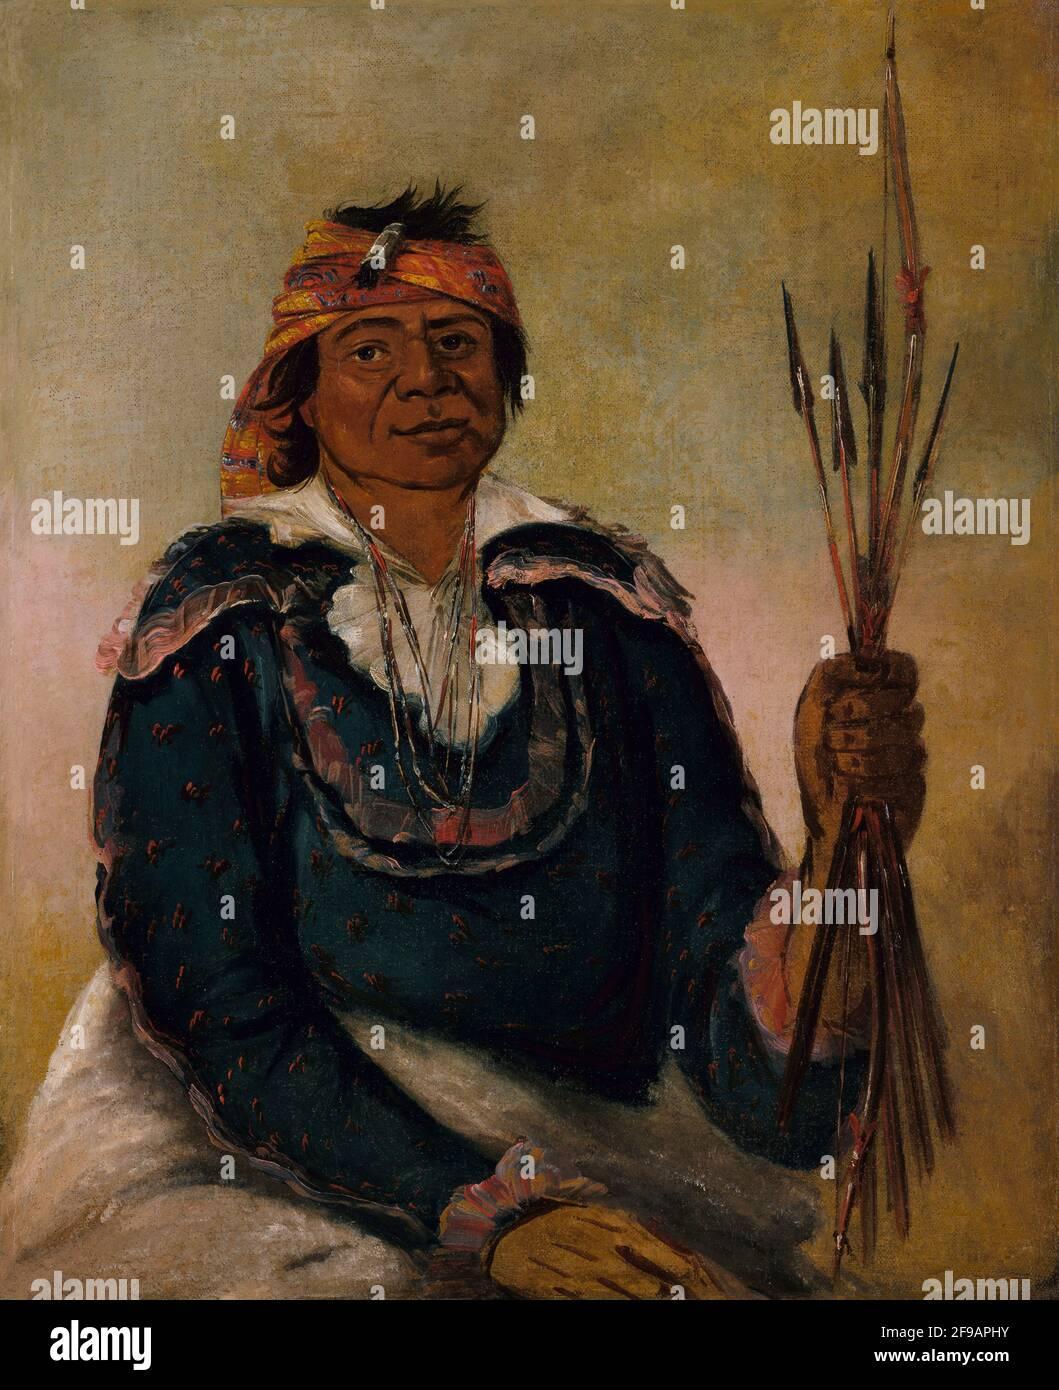 Ni-có-man, The Answer, Second Chief, 1830. Foto de stock